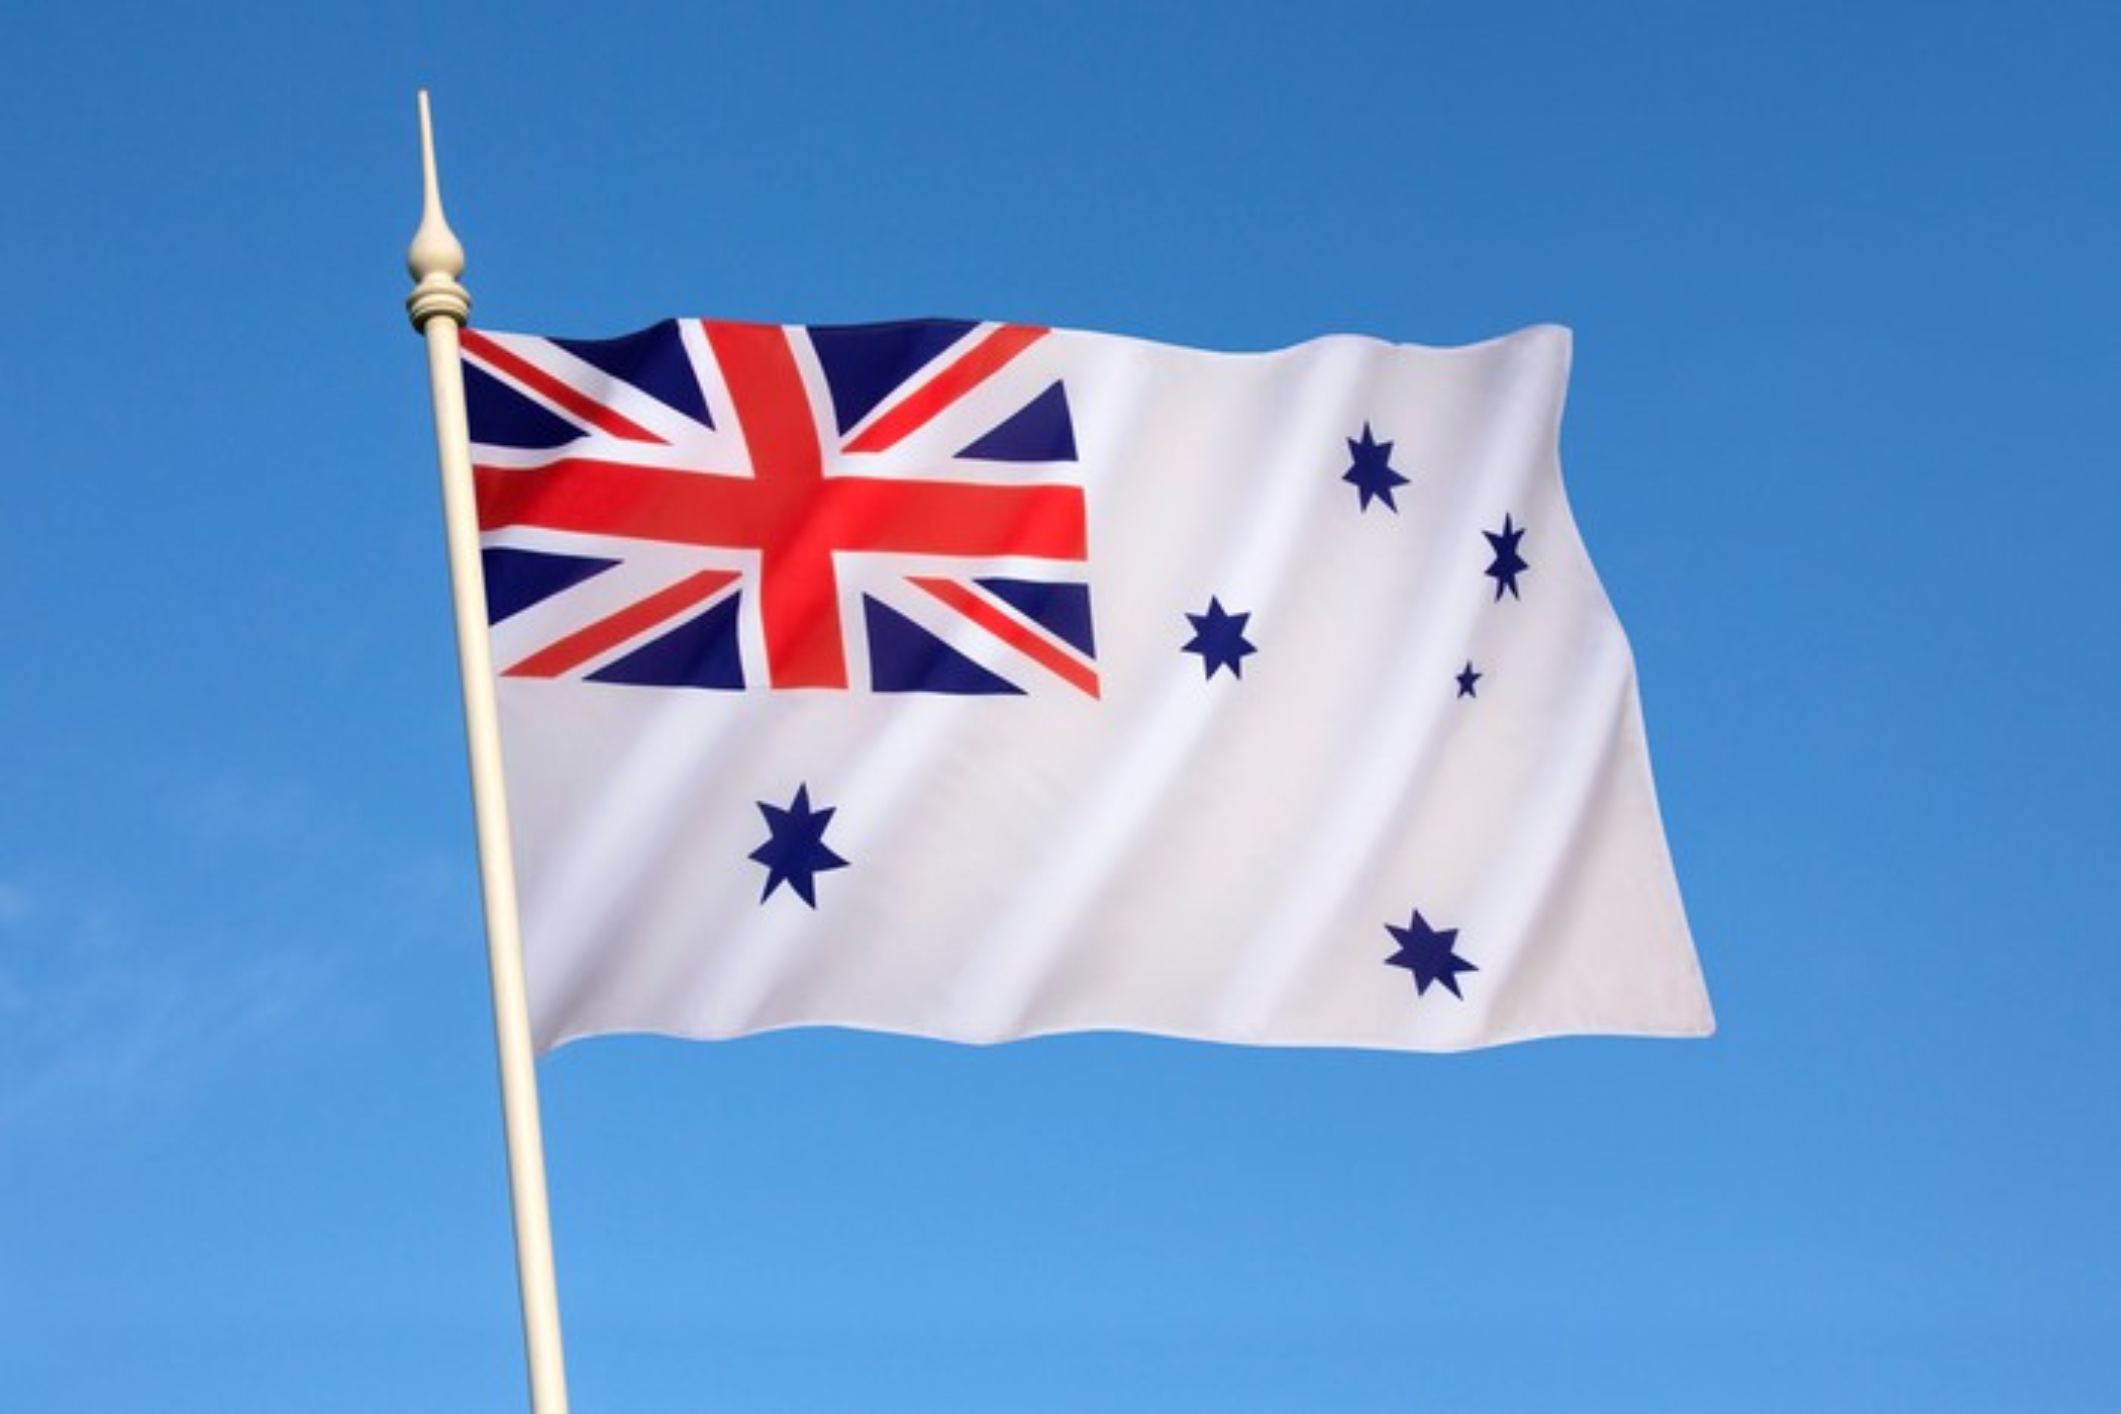 Australian naval flag